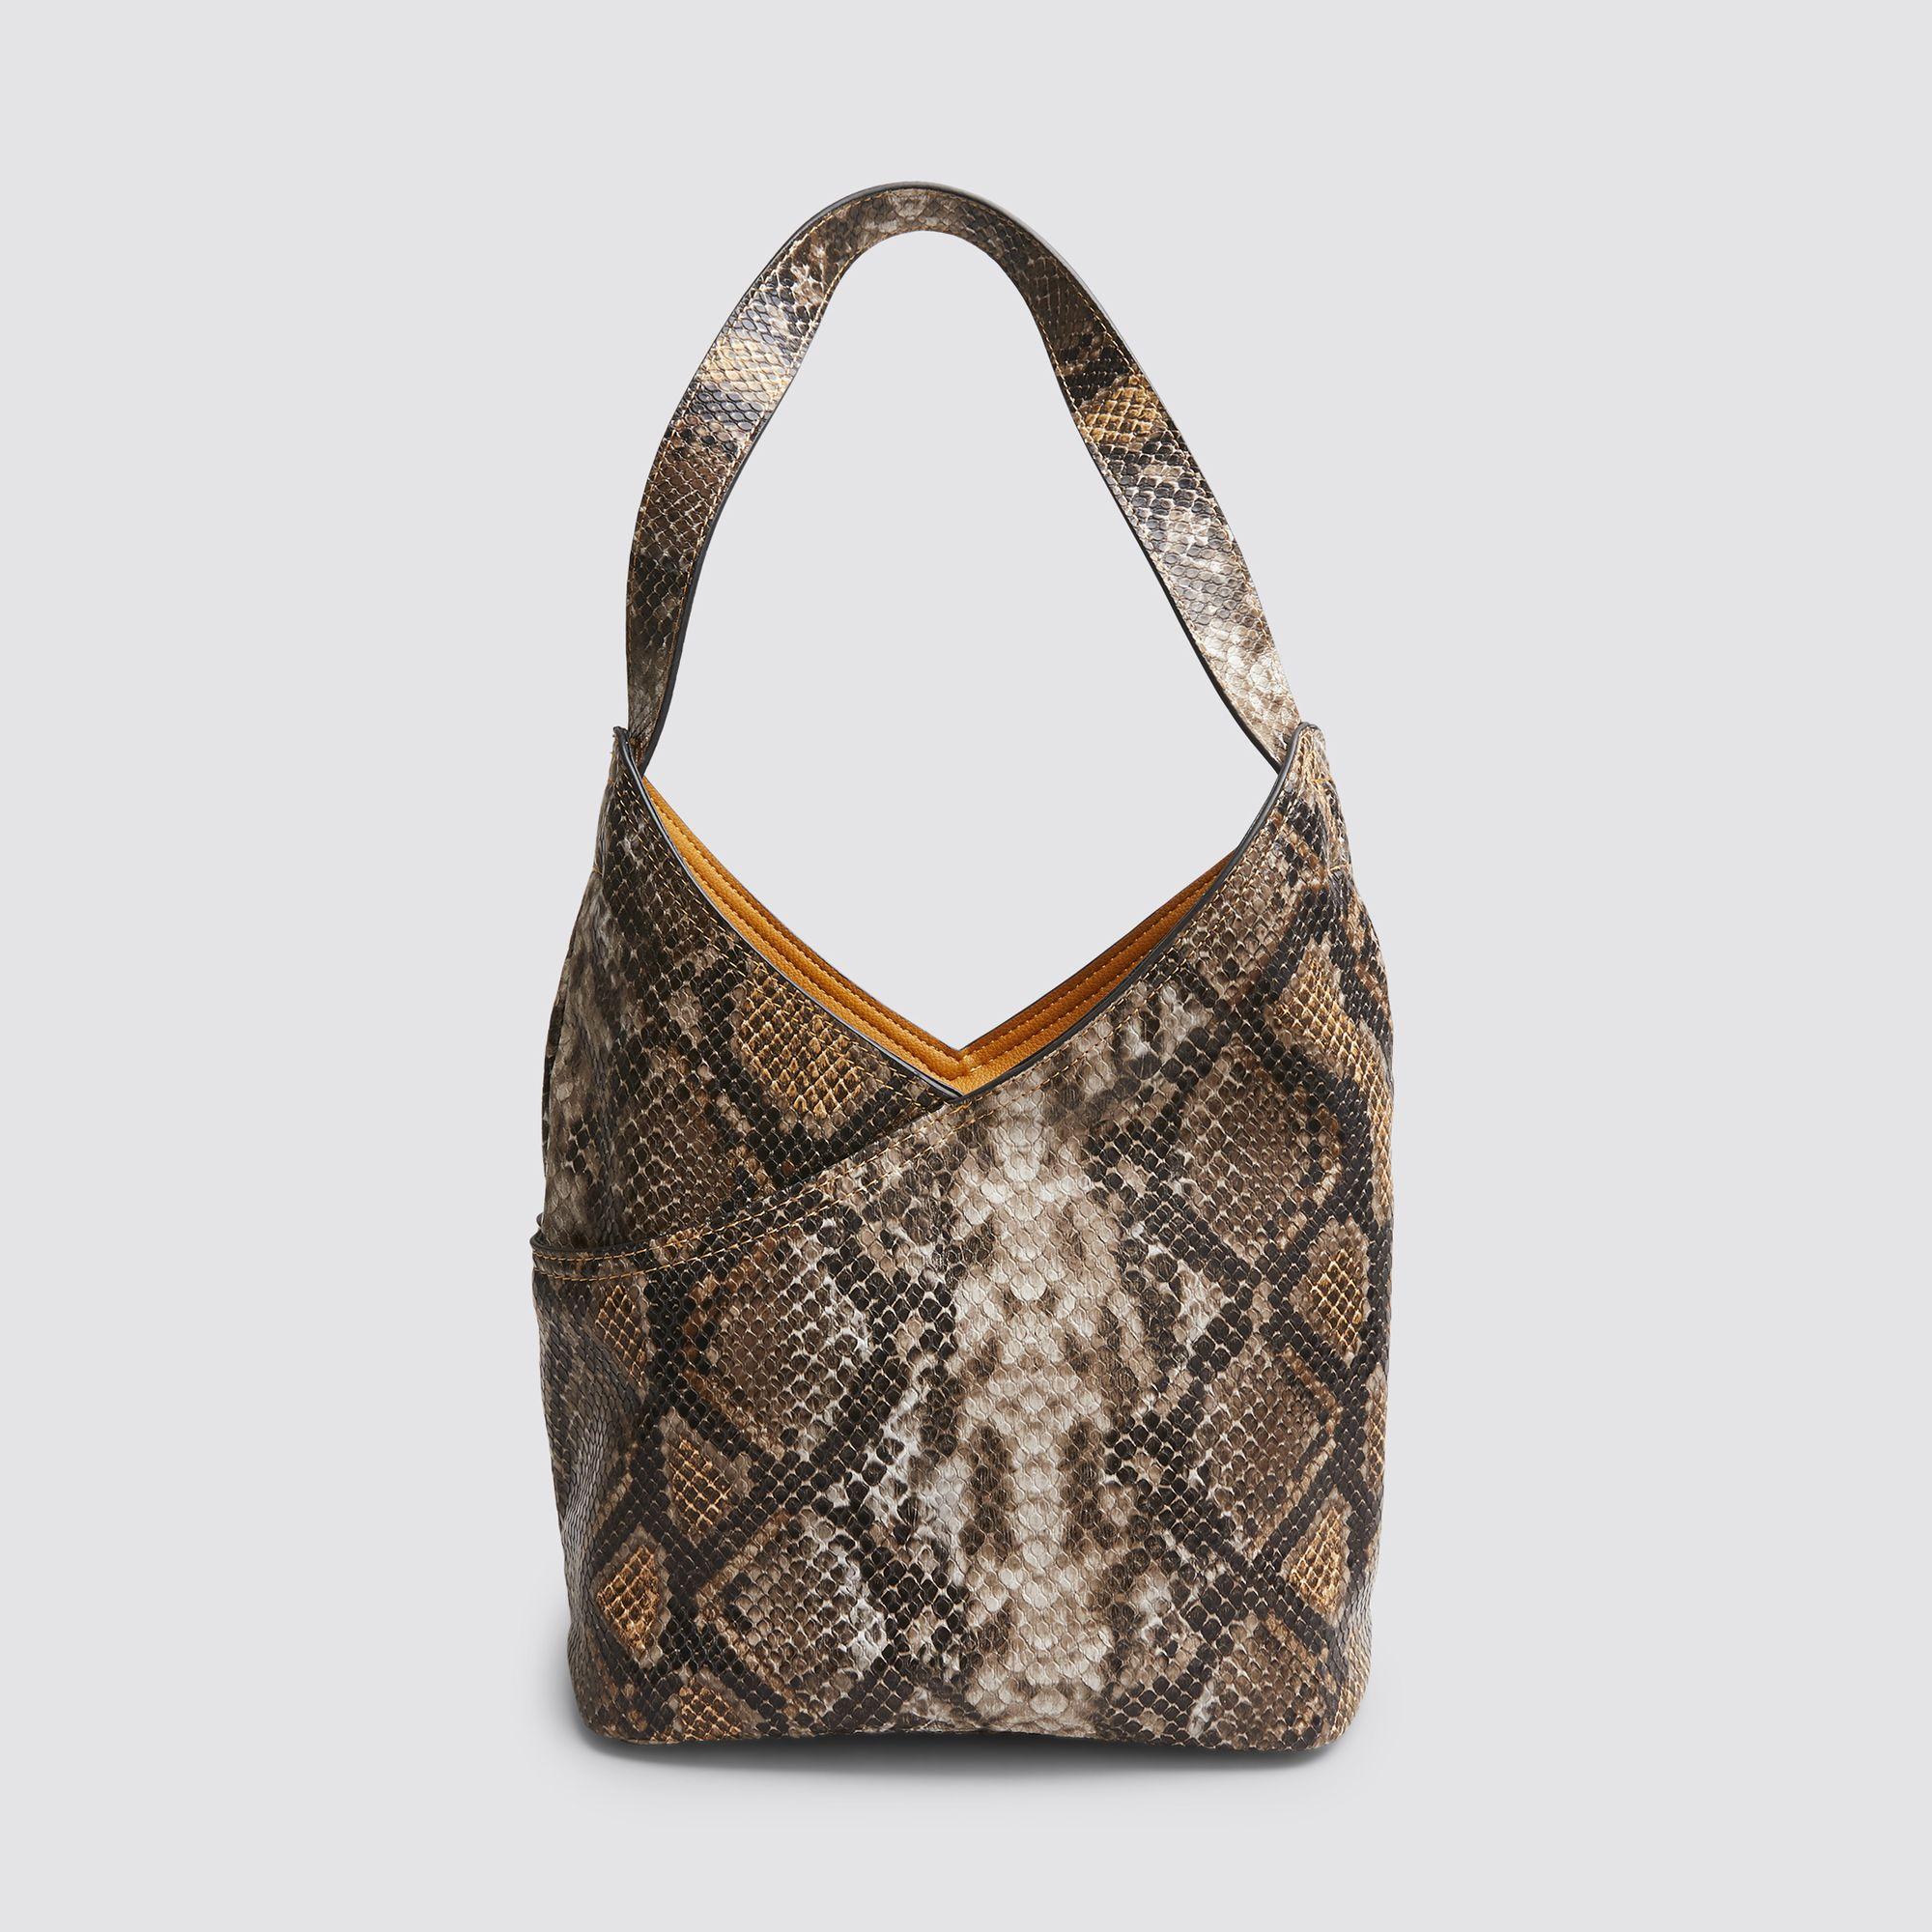 Don Donna Jewel Small Hobo handväska, Gul med mönster